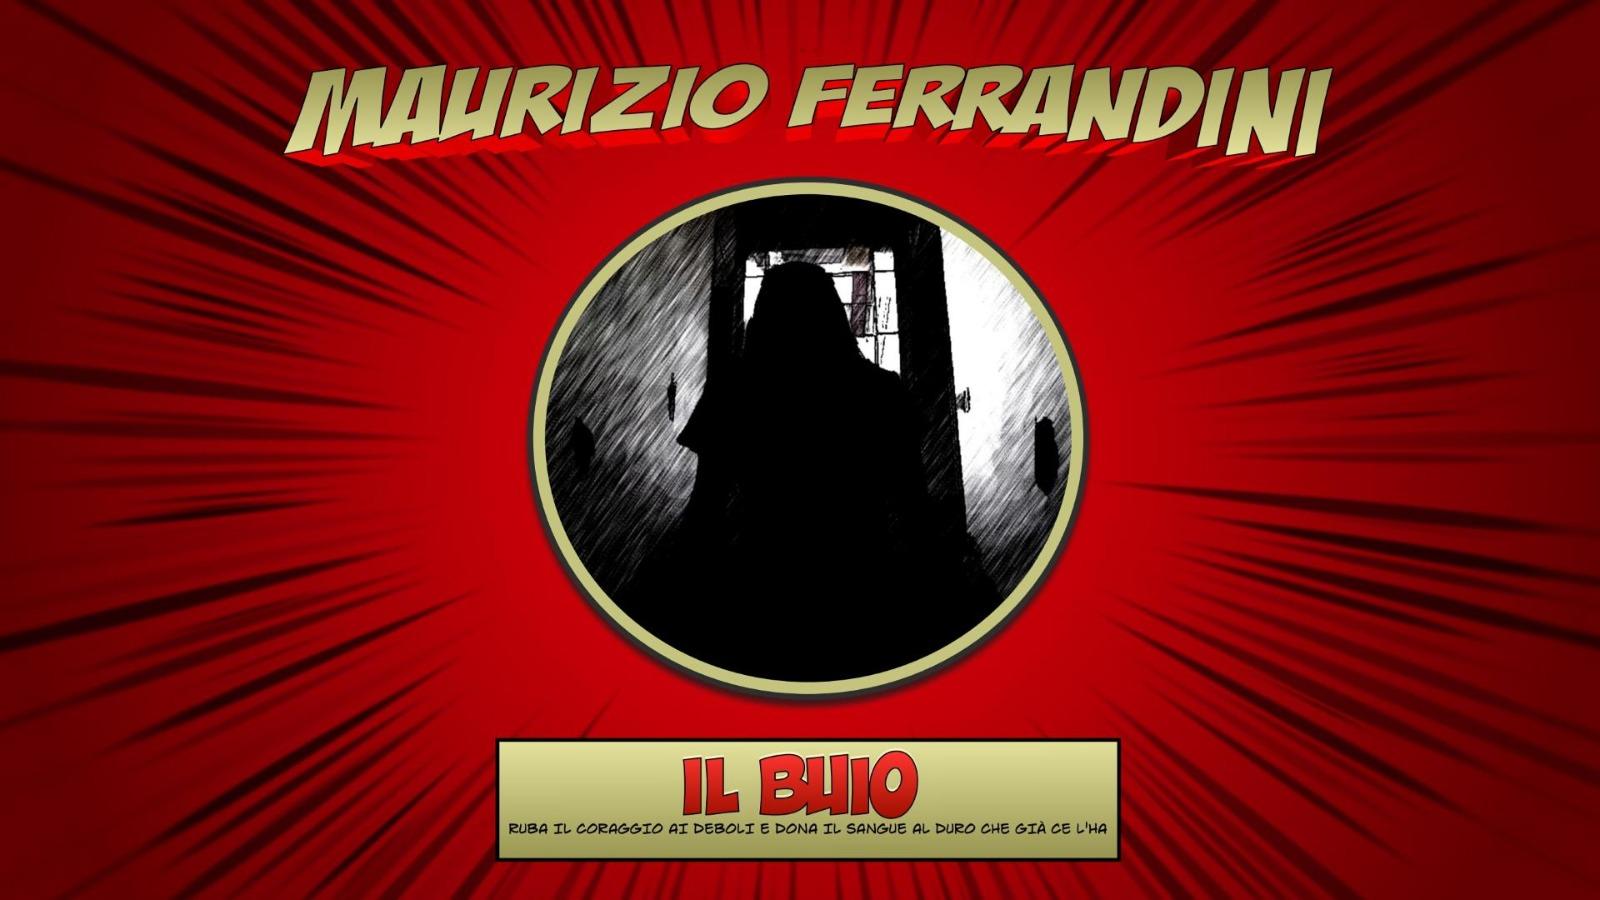 Maurizio-Ferrandini-IL-BUIO-cover